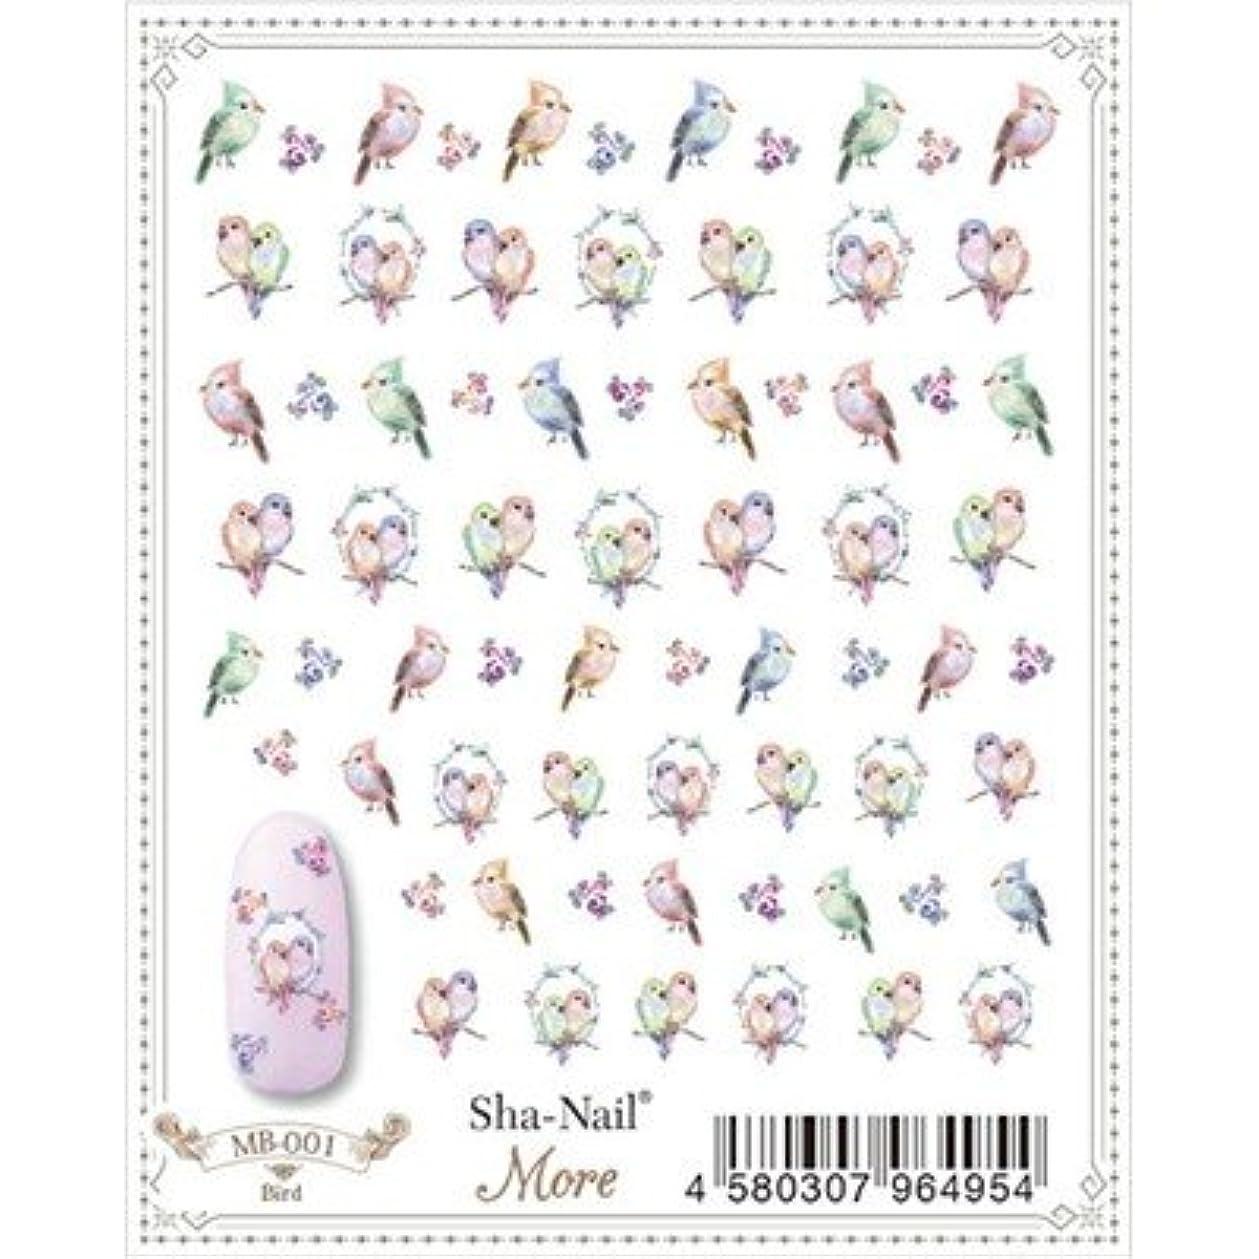 年蛾解明するSha-Nail More ネイルシール バード アート材